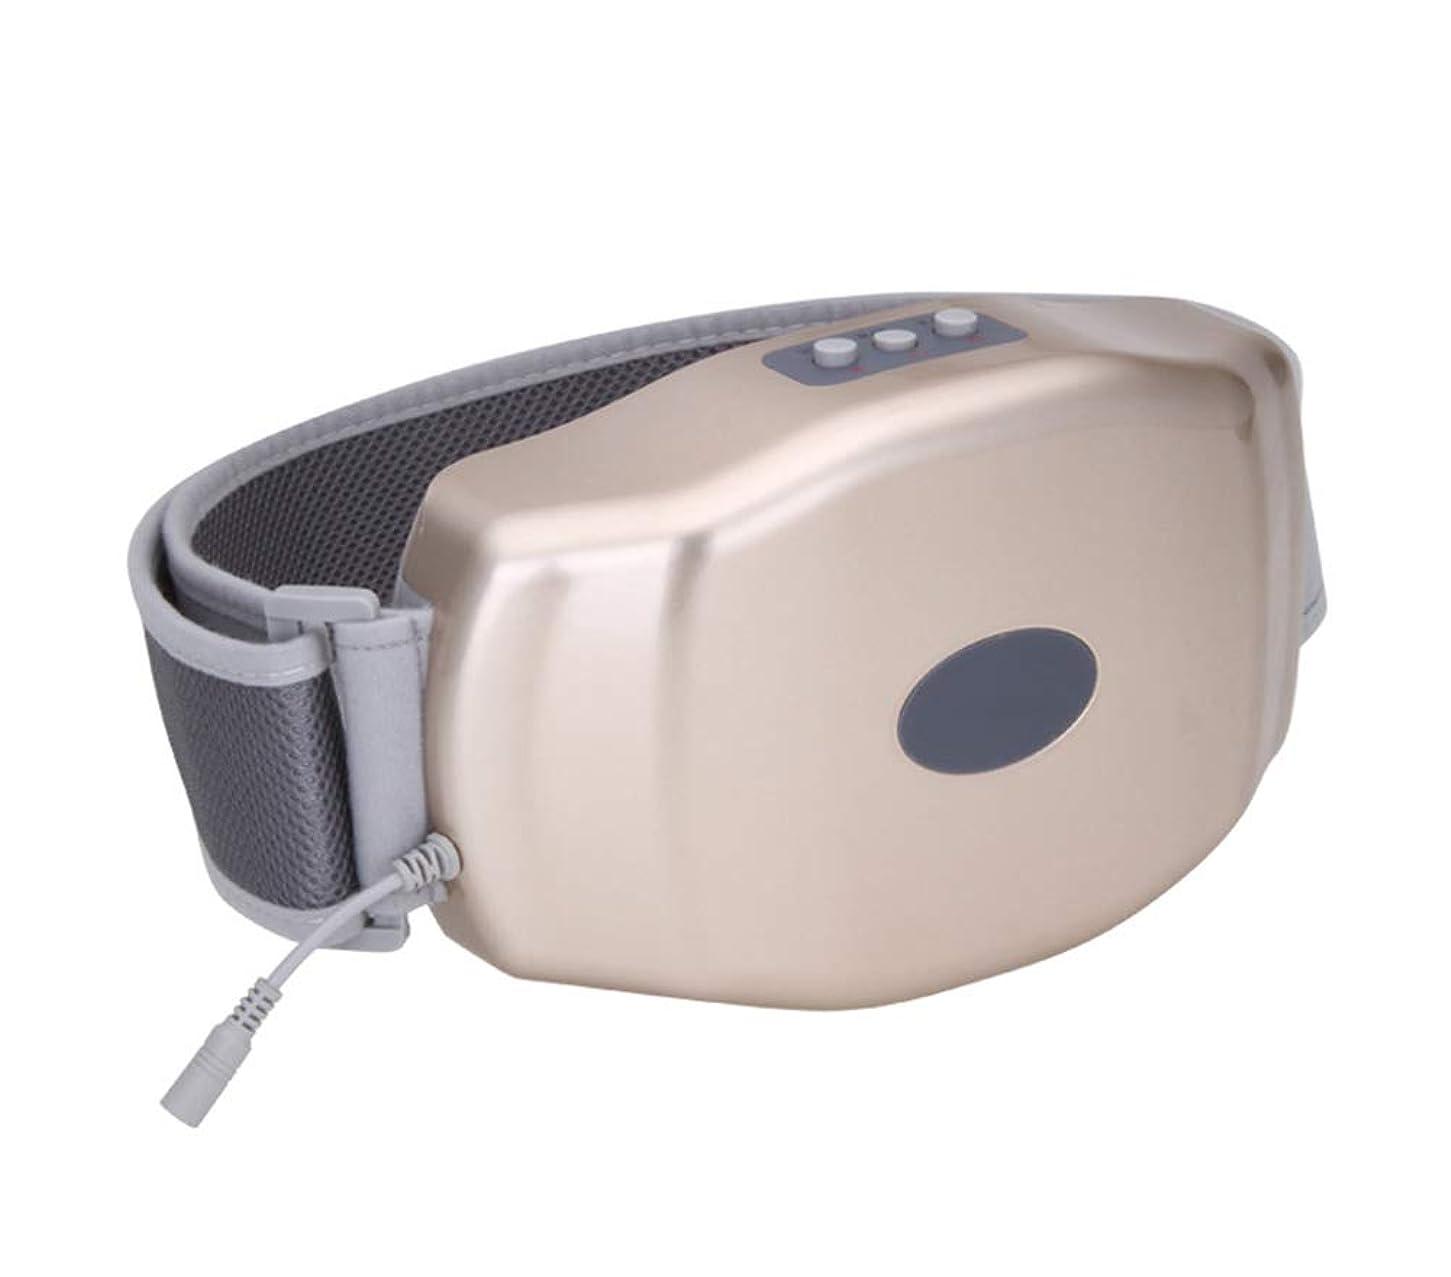 エールデコードする絶望多機能腹部マッサージ - 電気ファットバーナー - 腹部減量マッサージ振動便秘腹部理学療法ベルト加熱男性と女性のベルト